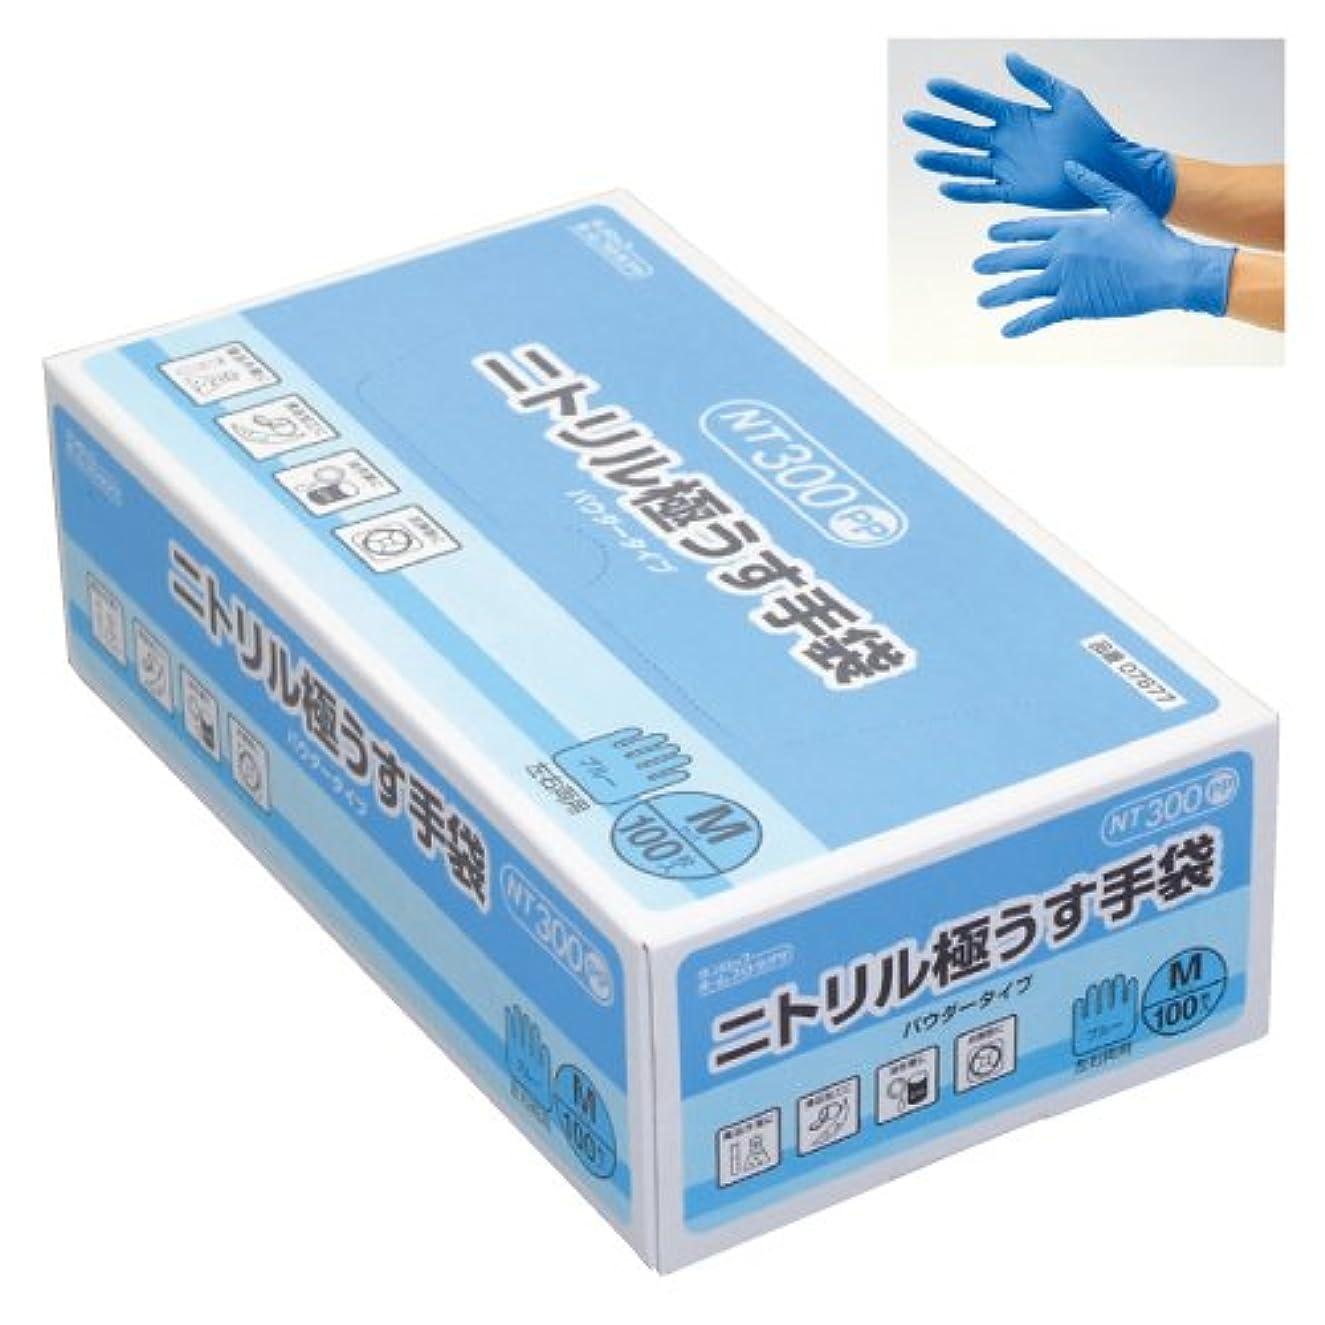 身元廃棄する光沢のあるニトリル極うす手袋 NT300 (23-6073-03)